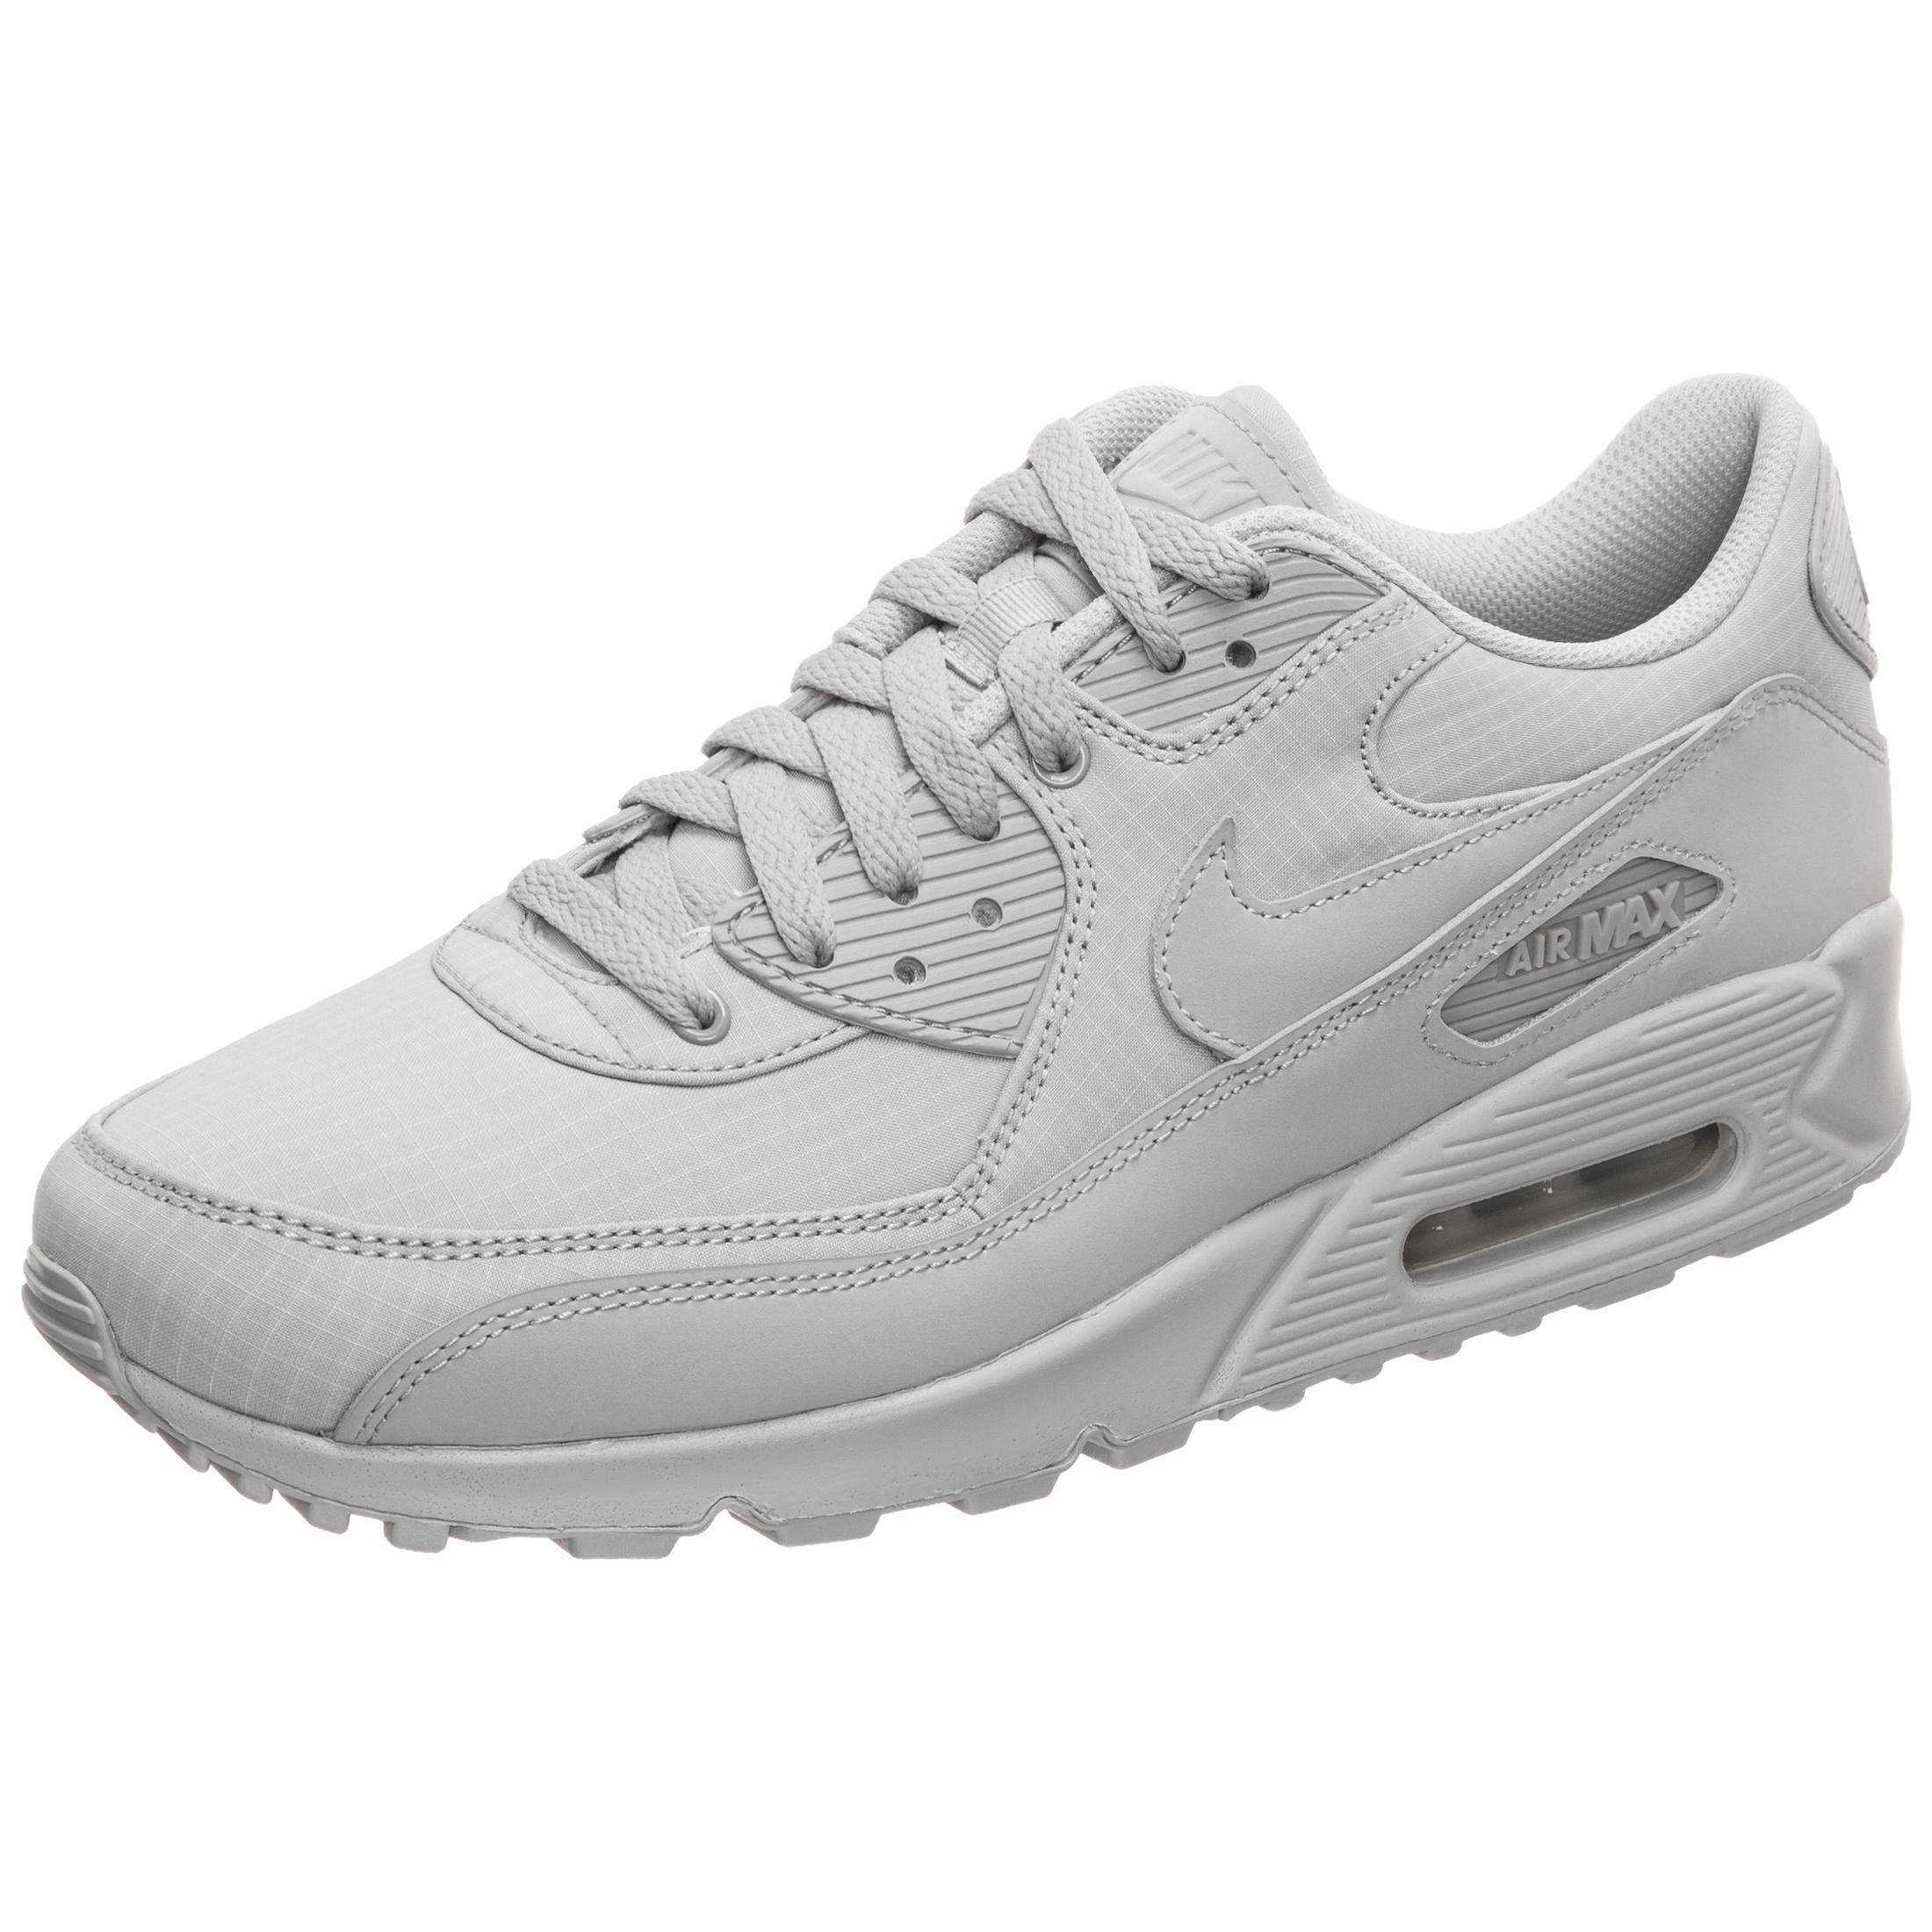 Nike sneaker air max 90 essential grau weiss sport herren